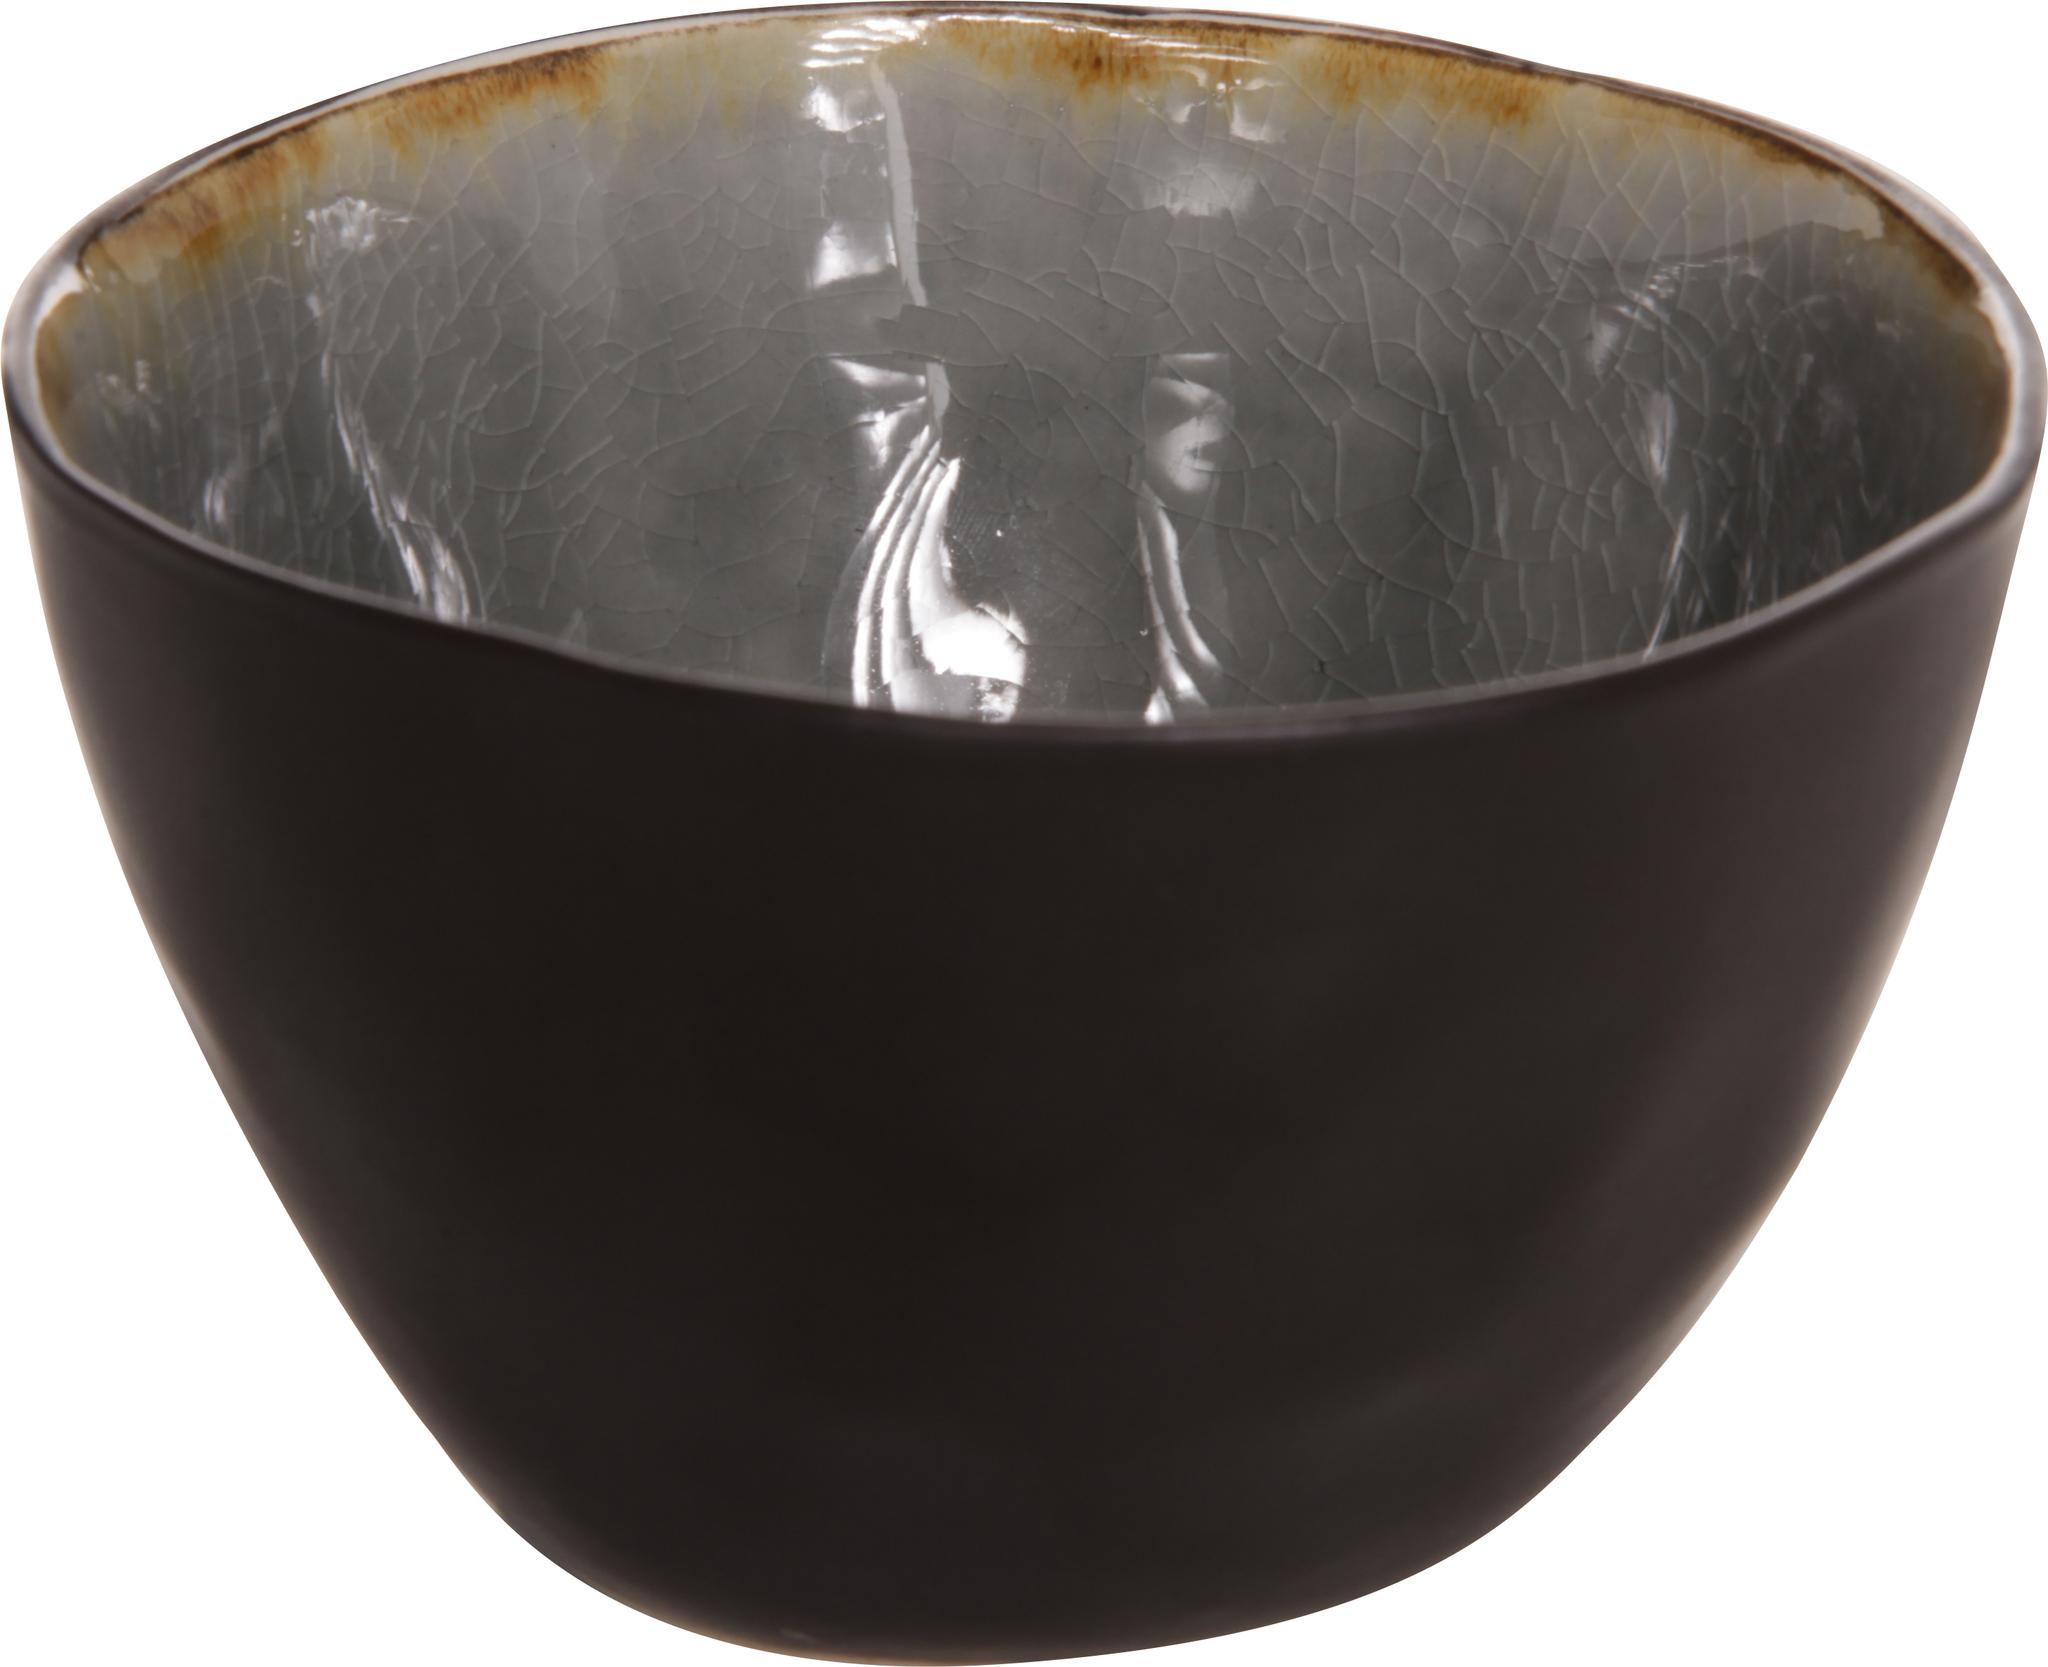 Миска 10х6,5 см COSY&amp;TRENDY Laguna blue-grey 5556325Миски и чаши<br>Миска 10х6,5 см COSY&amp;TRENDY Laguna blue-grey 5556325<br><br>Эта коллекция из каменной керамики поражает удивительным цветом, текстурой и формой. Насыщенный ярко-серый оттенок с волнистым рельефом погружают в прибрежную лагуну. Органические края для дополнительного дизайна. Коллекция Laguna Blue-Grey воссоздает исключительный внешний вид приготовленных блюд.<br>